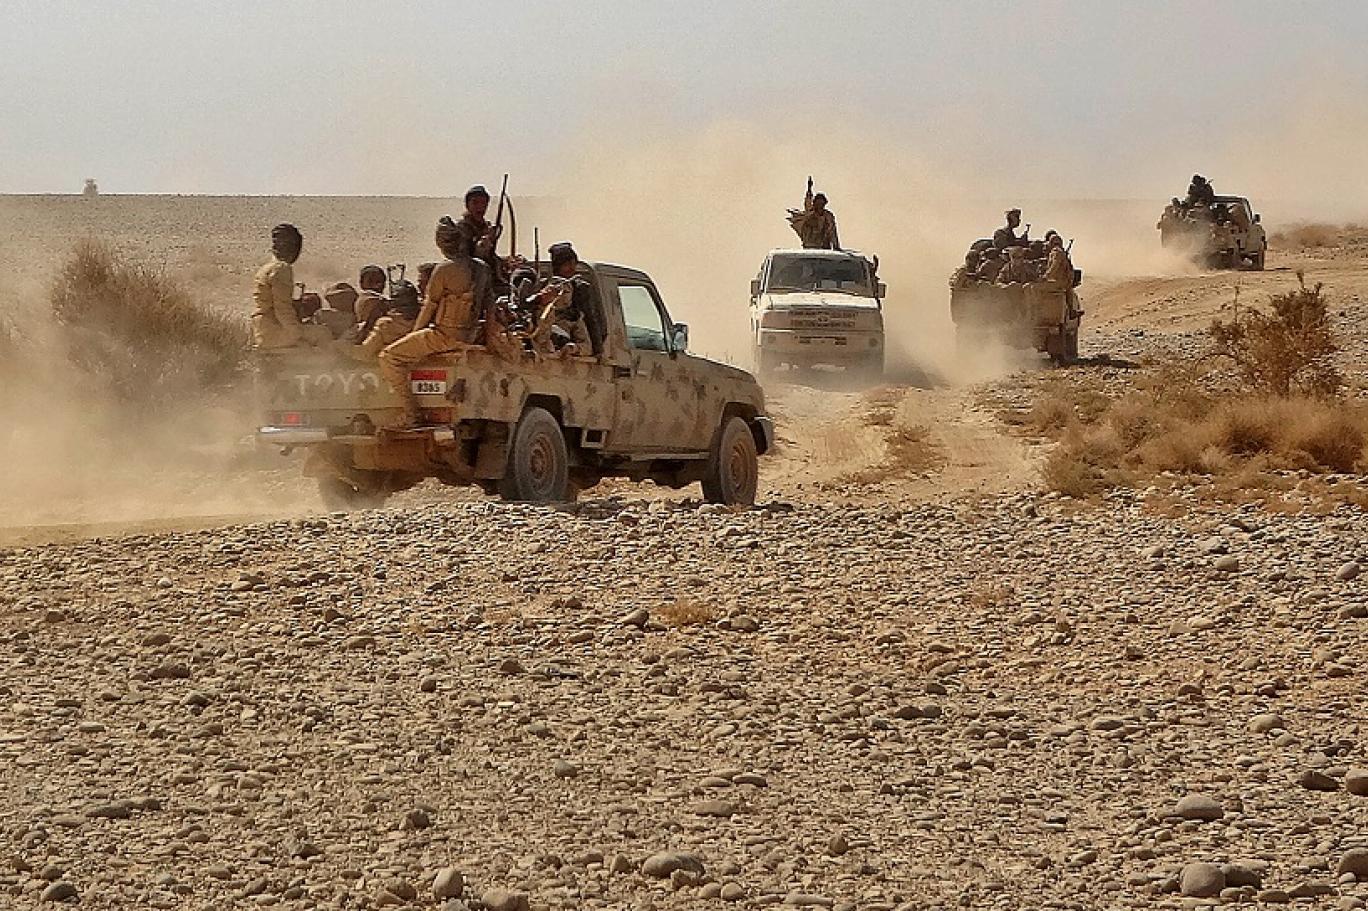 اكثر من 40 قتيل وجريح من الميليشيات بعد تسللهم لحقل الغام بالكسارة